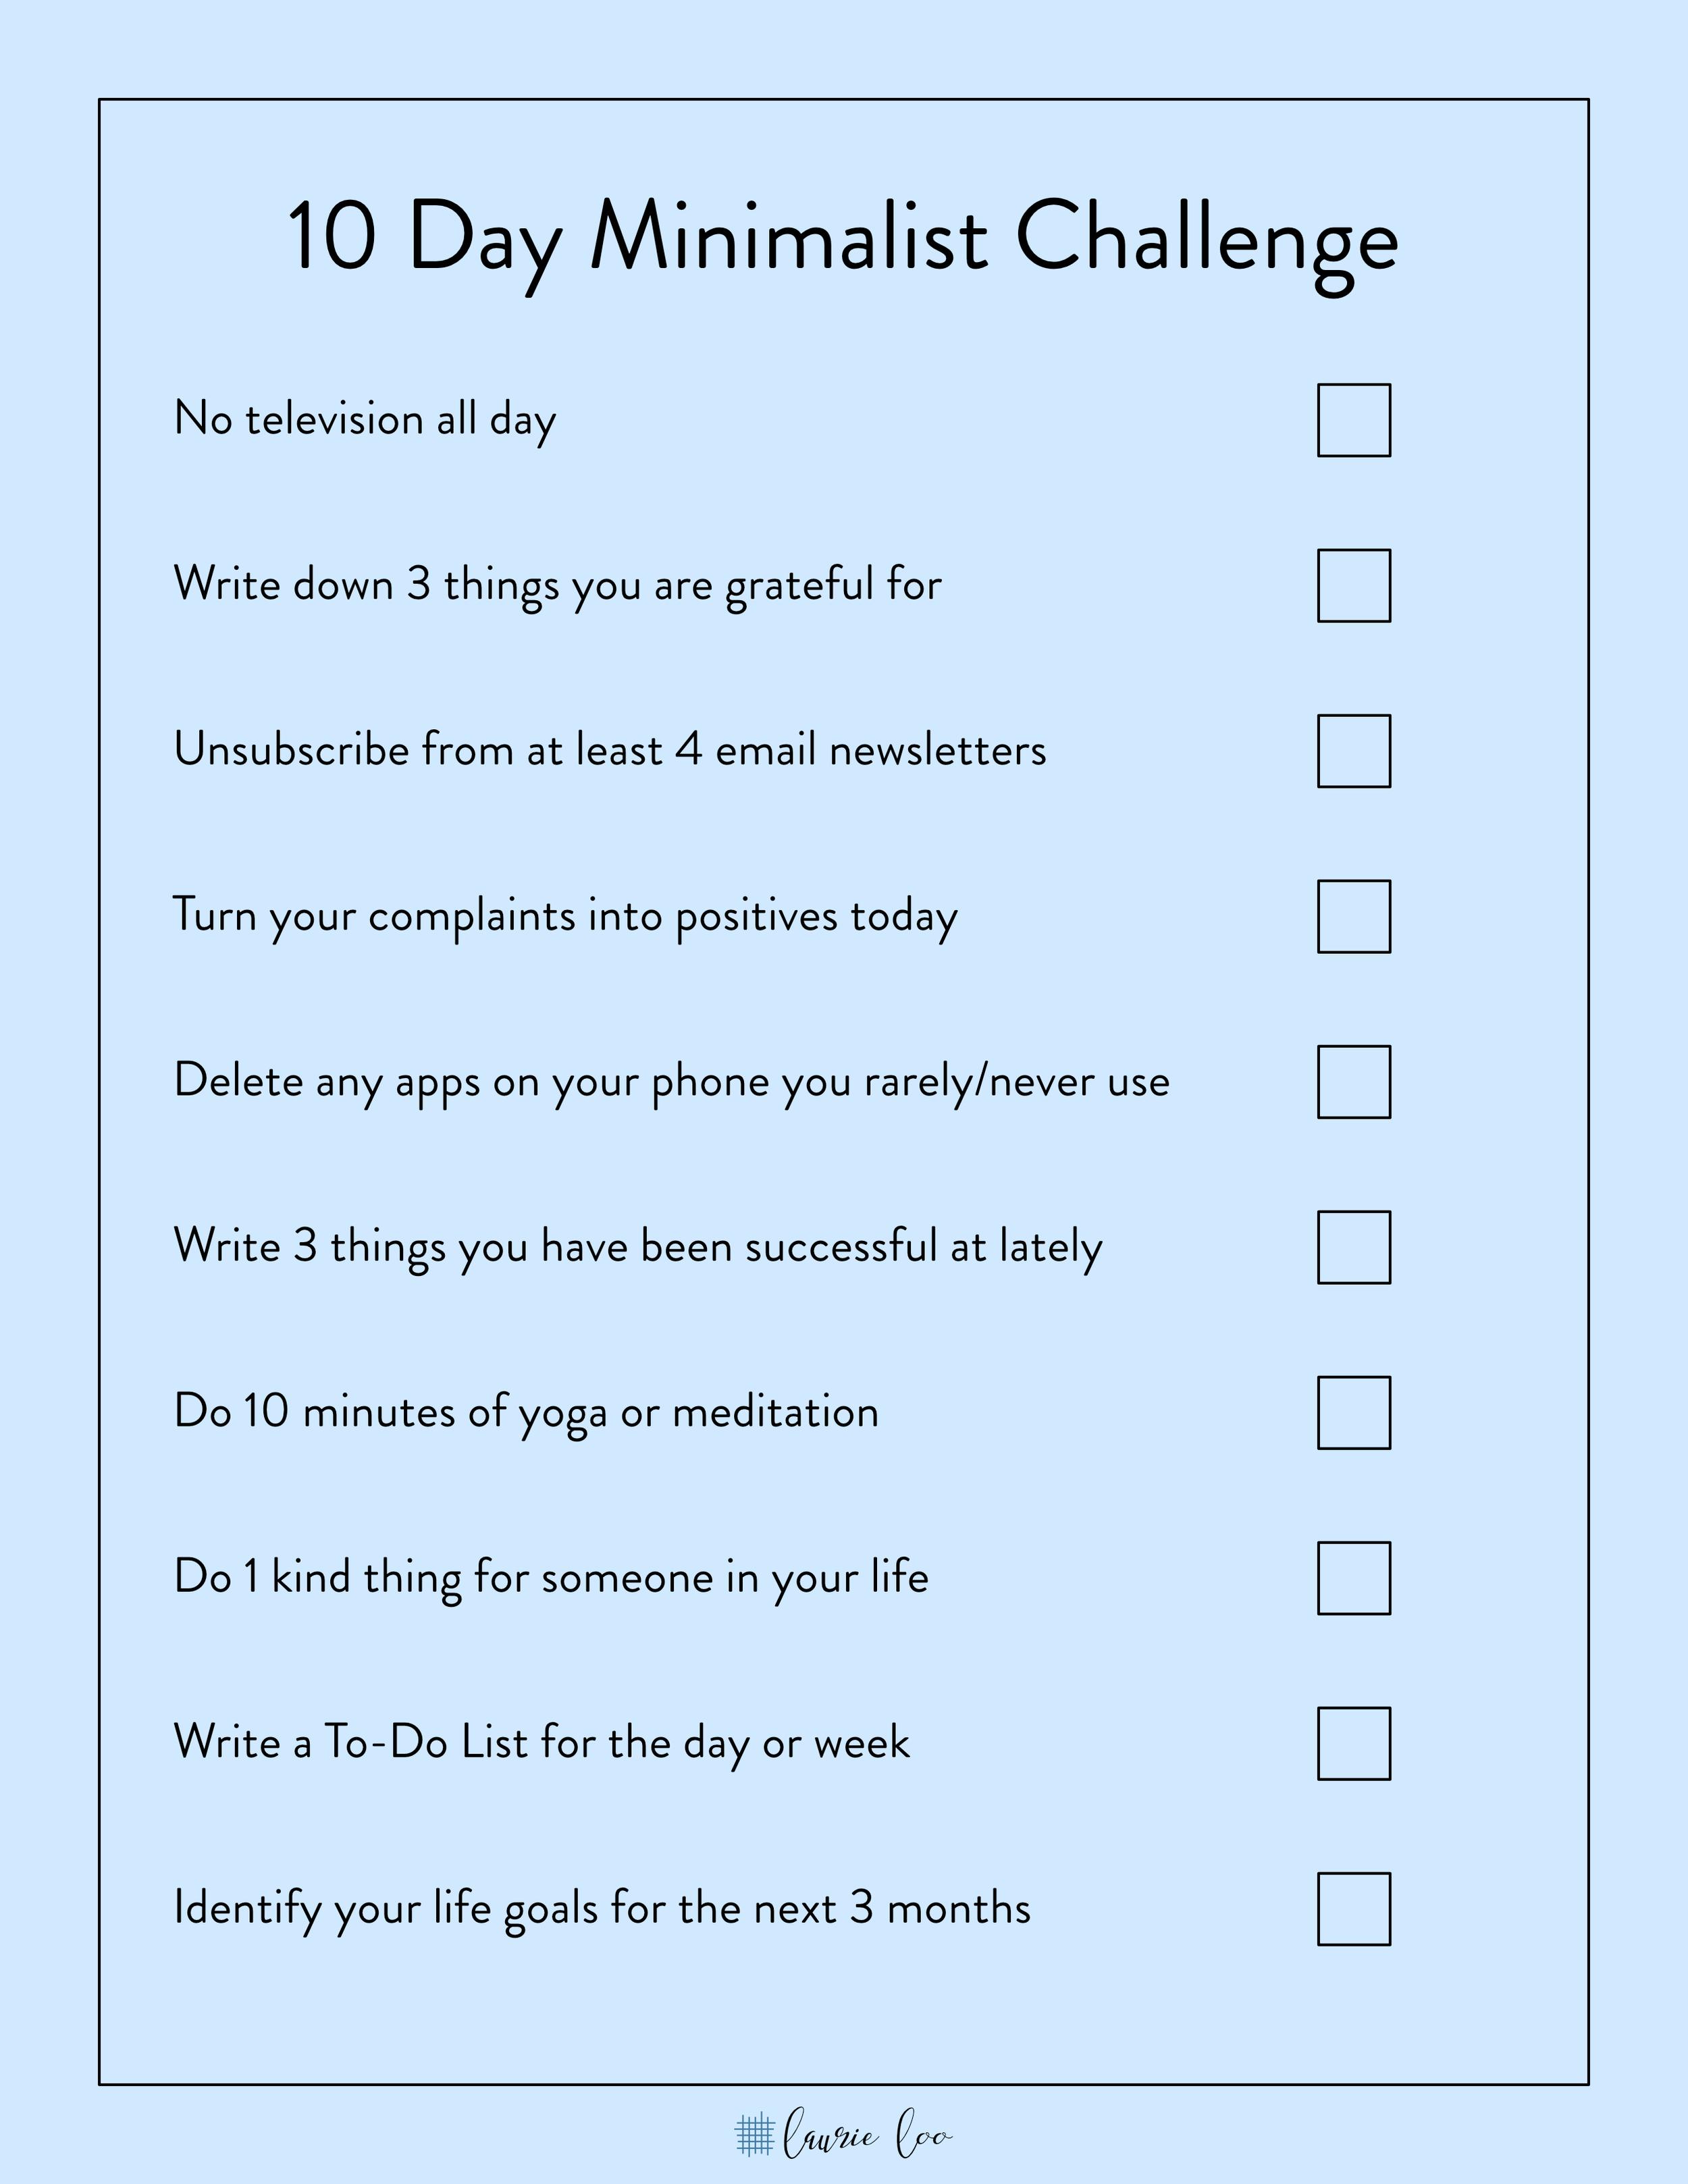 10-day-minimalist-challenge